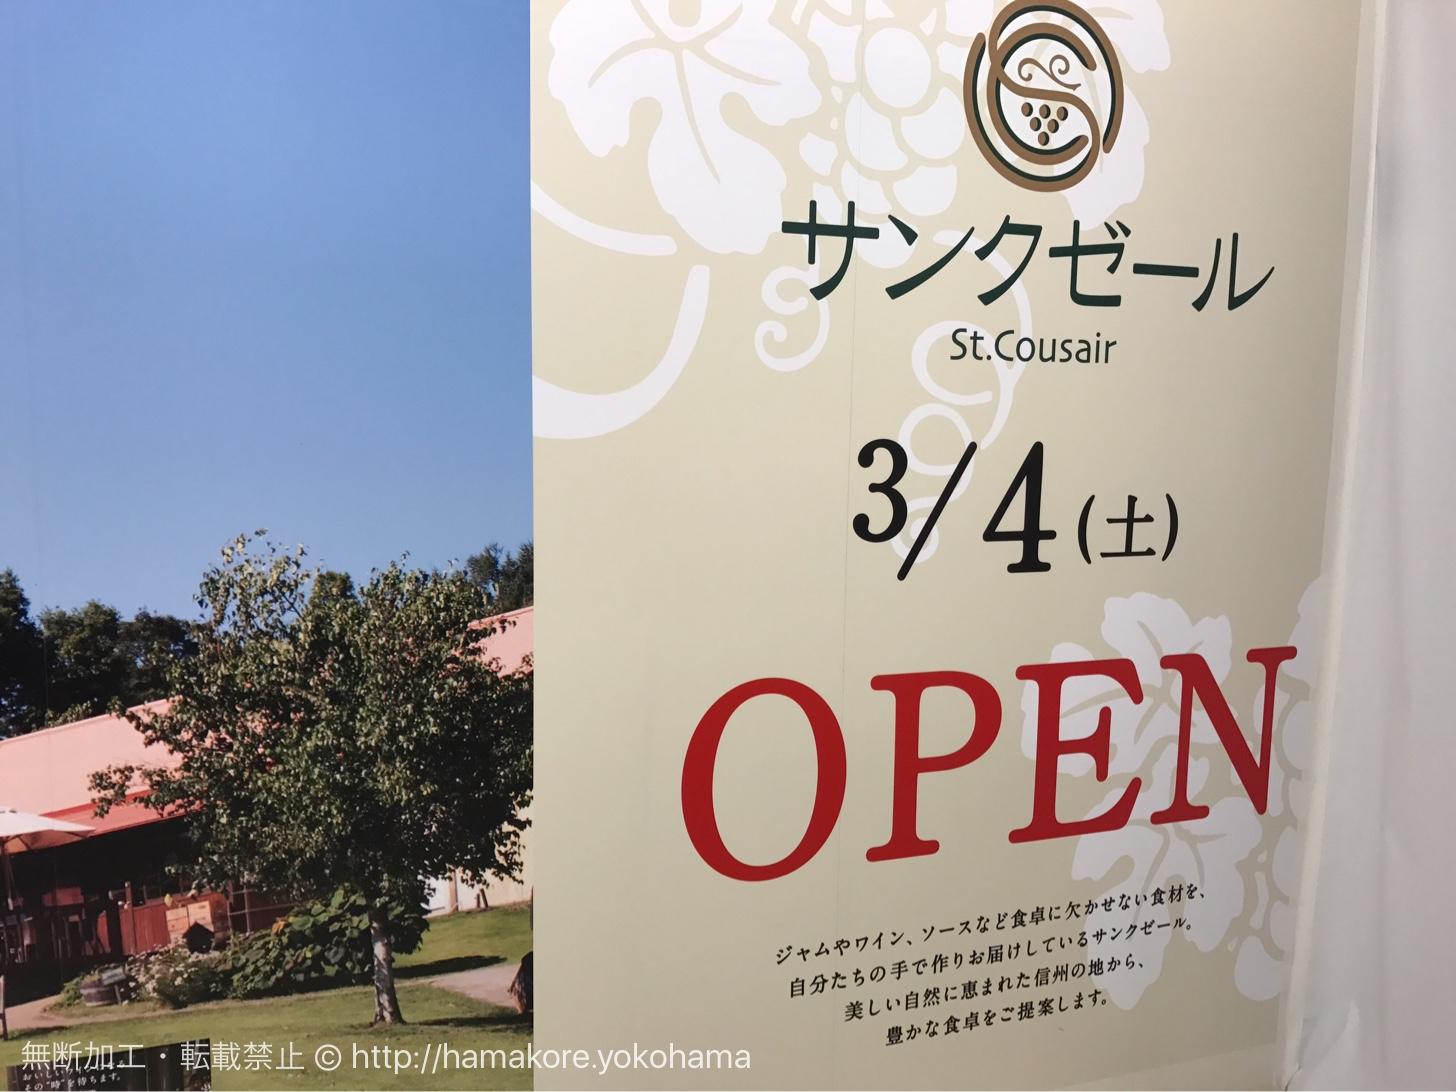 ルミネ横浜にサンクゼールが3月4日オープン!ジャムやソースを販売